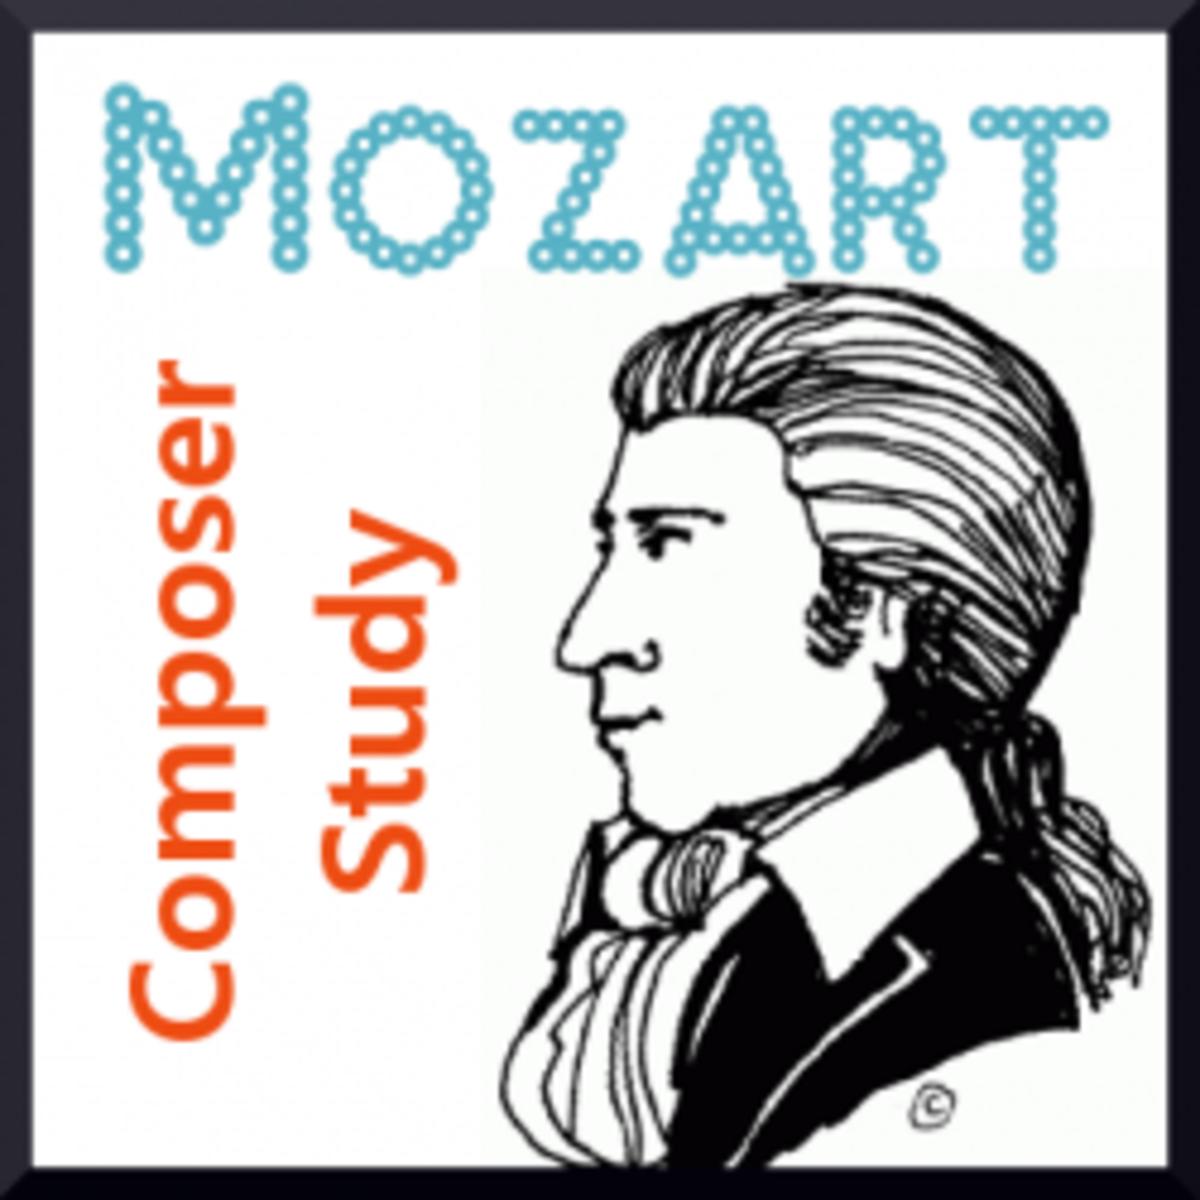 mozart-composer-study